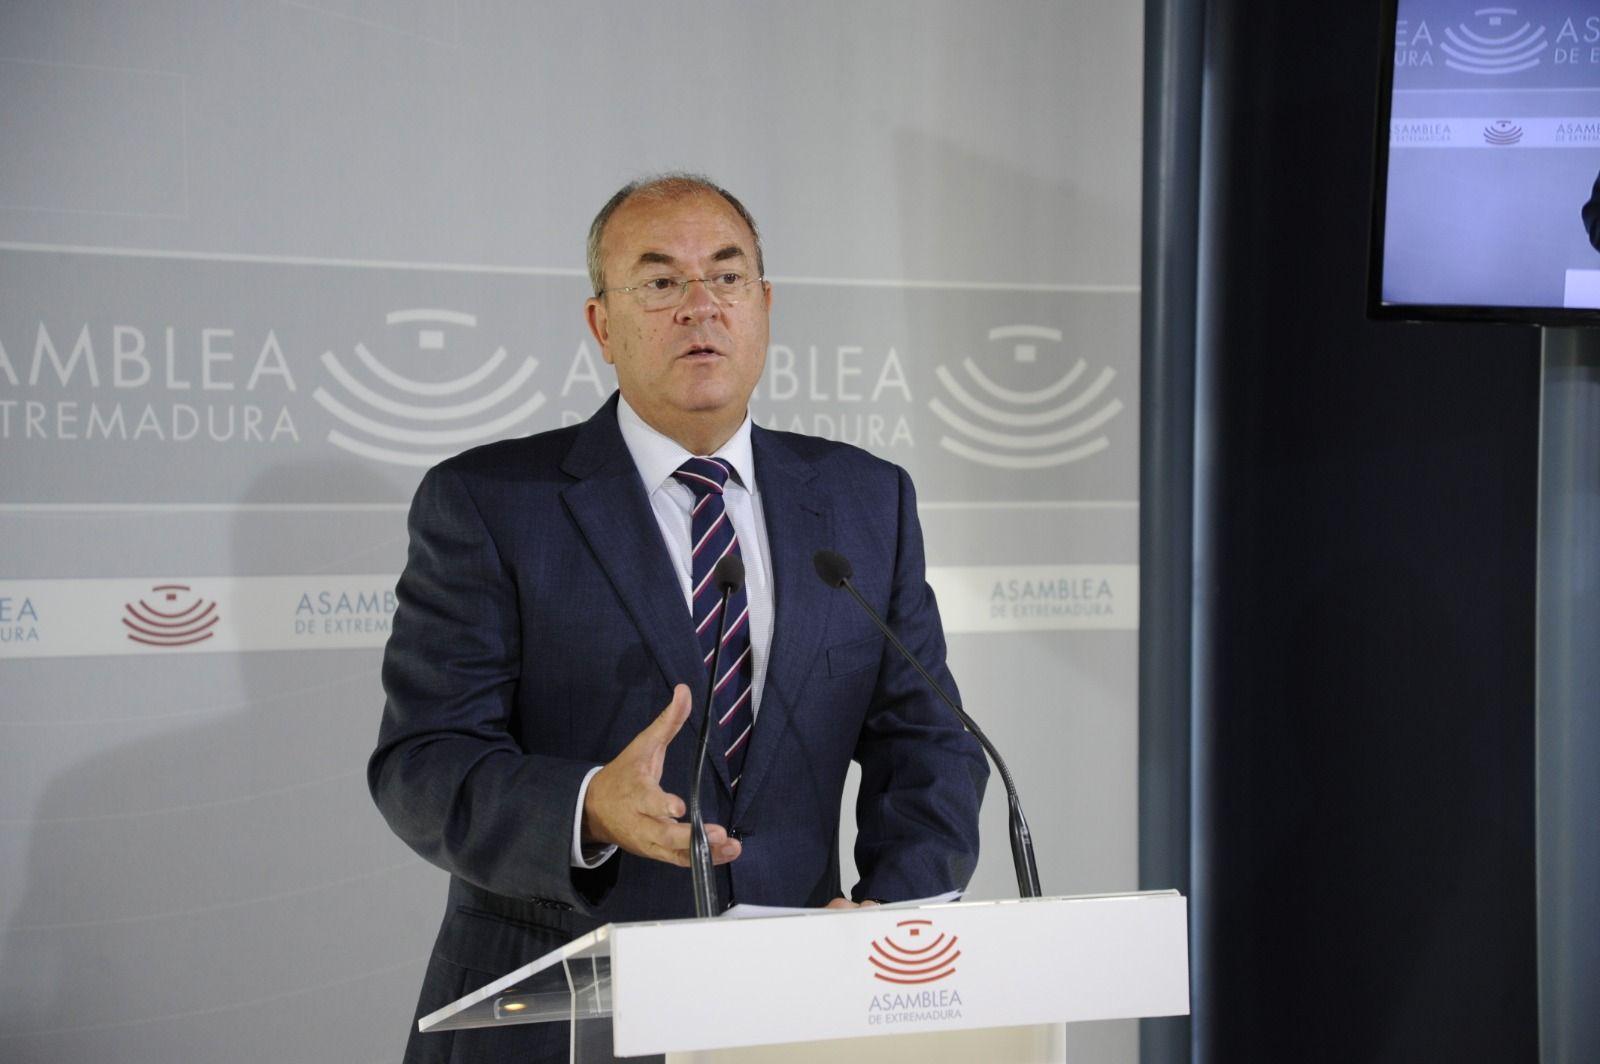 Monago anuncia una oposición seria, rigurosa y leal con los intereses generales del pueblo extremeño